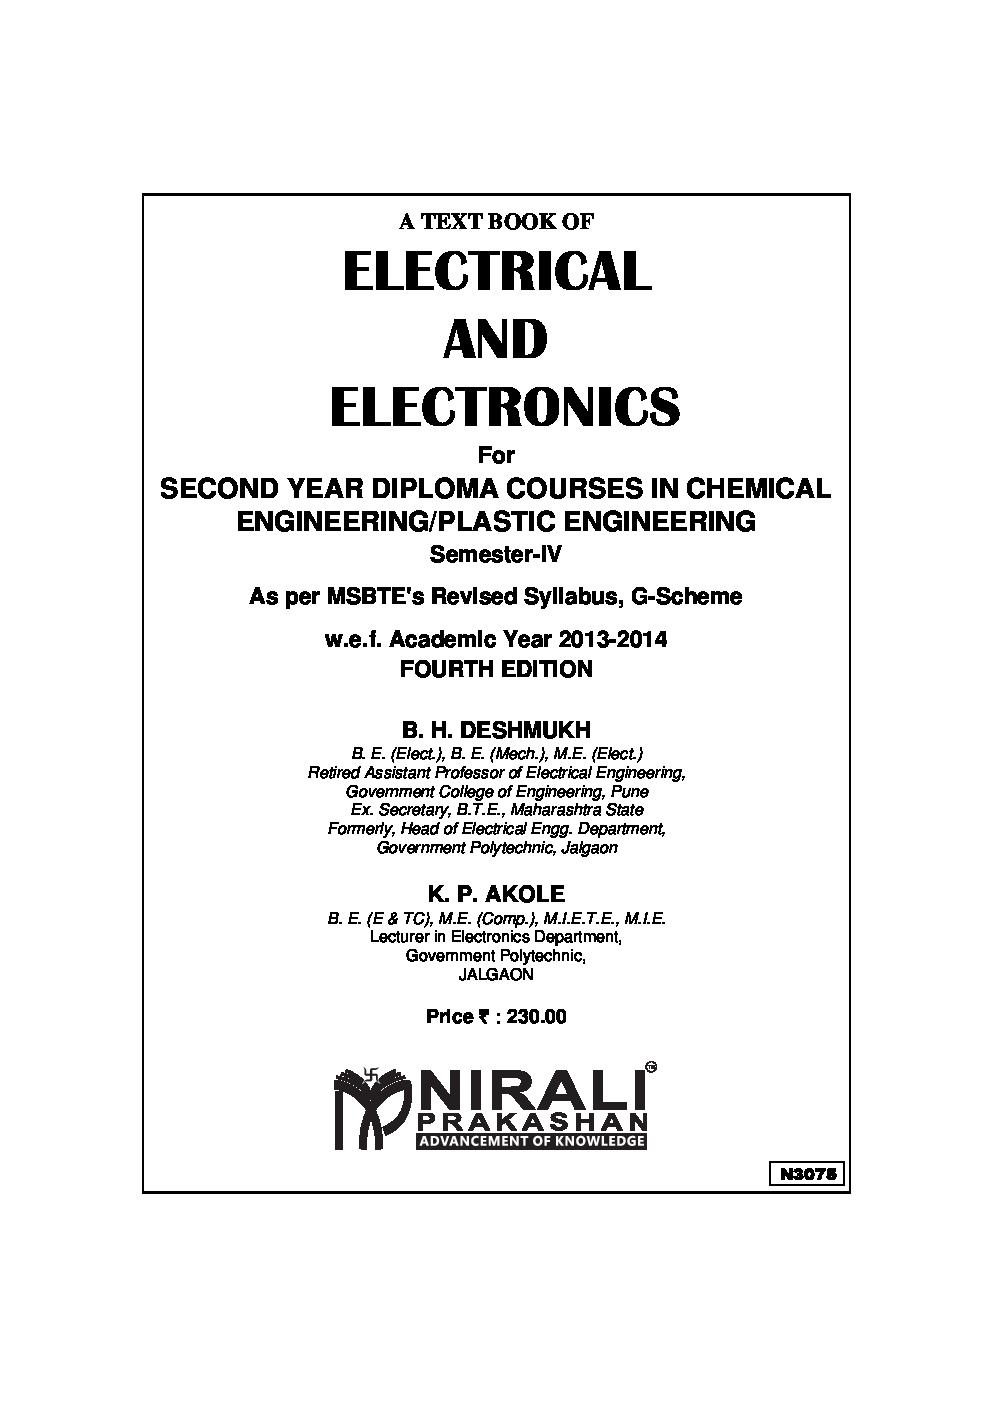 Download Electrical And Electronics By B H Deshmukh K P Akole Pdf Online